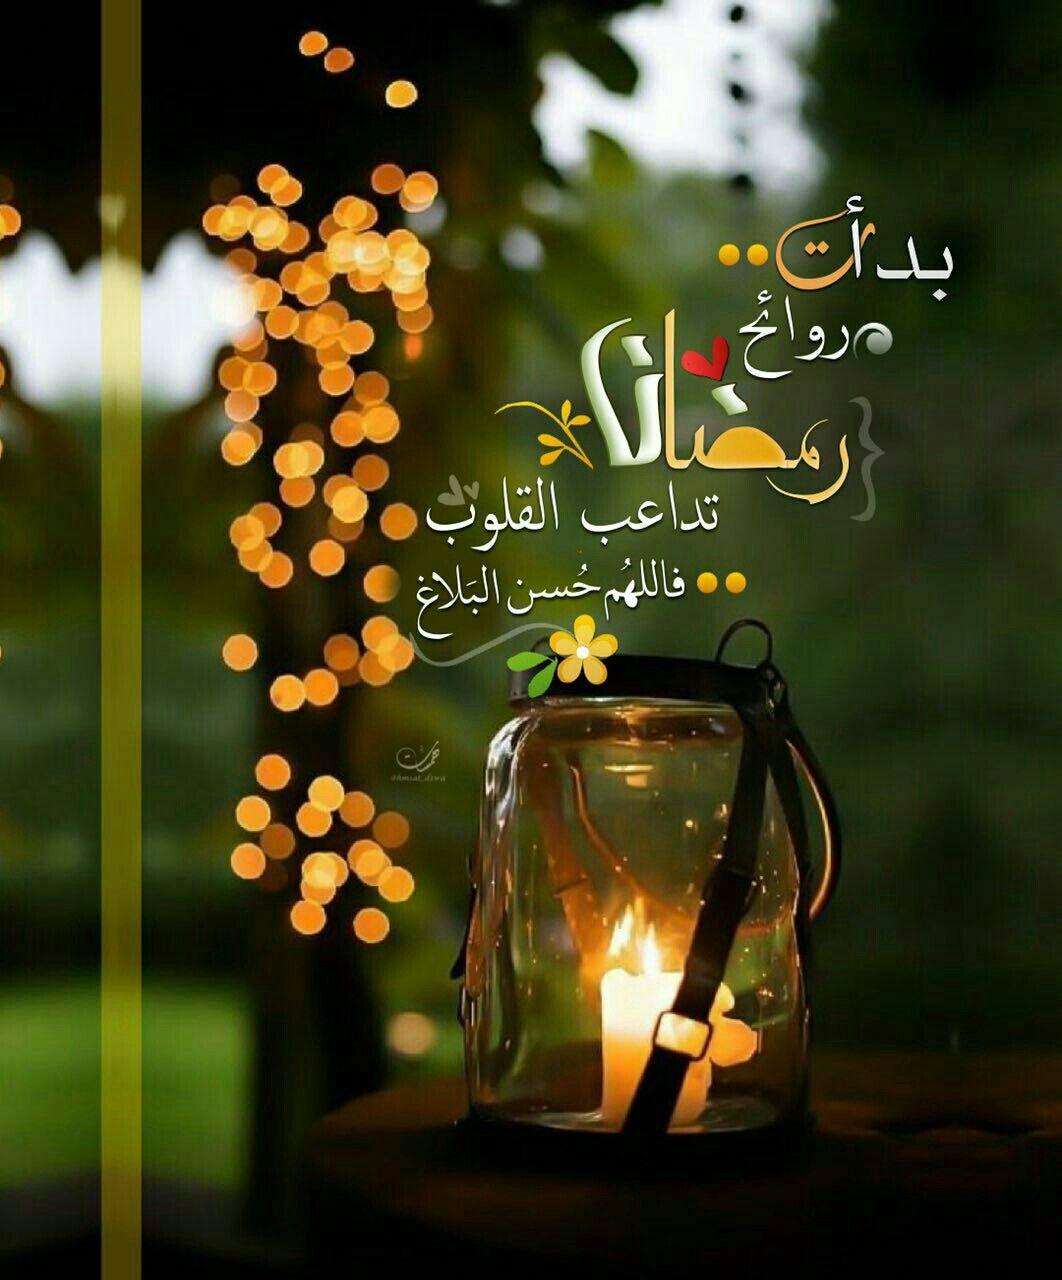 رمضان مبارك وكل عام وأنتم وعوائلكم الكريمة بألف خير وصحة وسعادة وأمان هل دعوت الل ه أن يبلغك شهر رمضان ويوف Ramadan Images Ramadan Decorations Ramadan Kareem